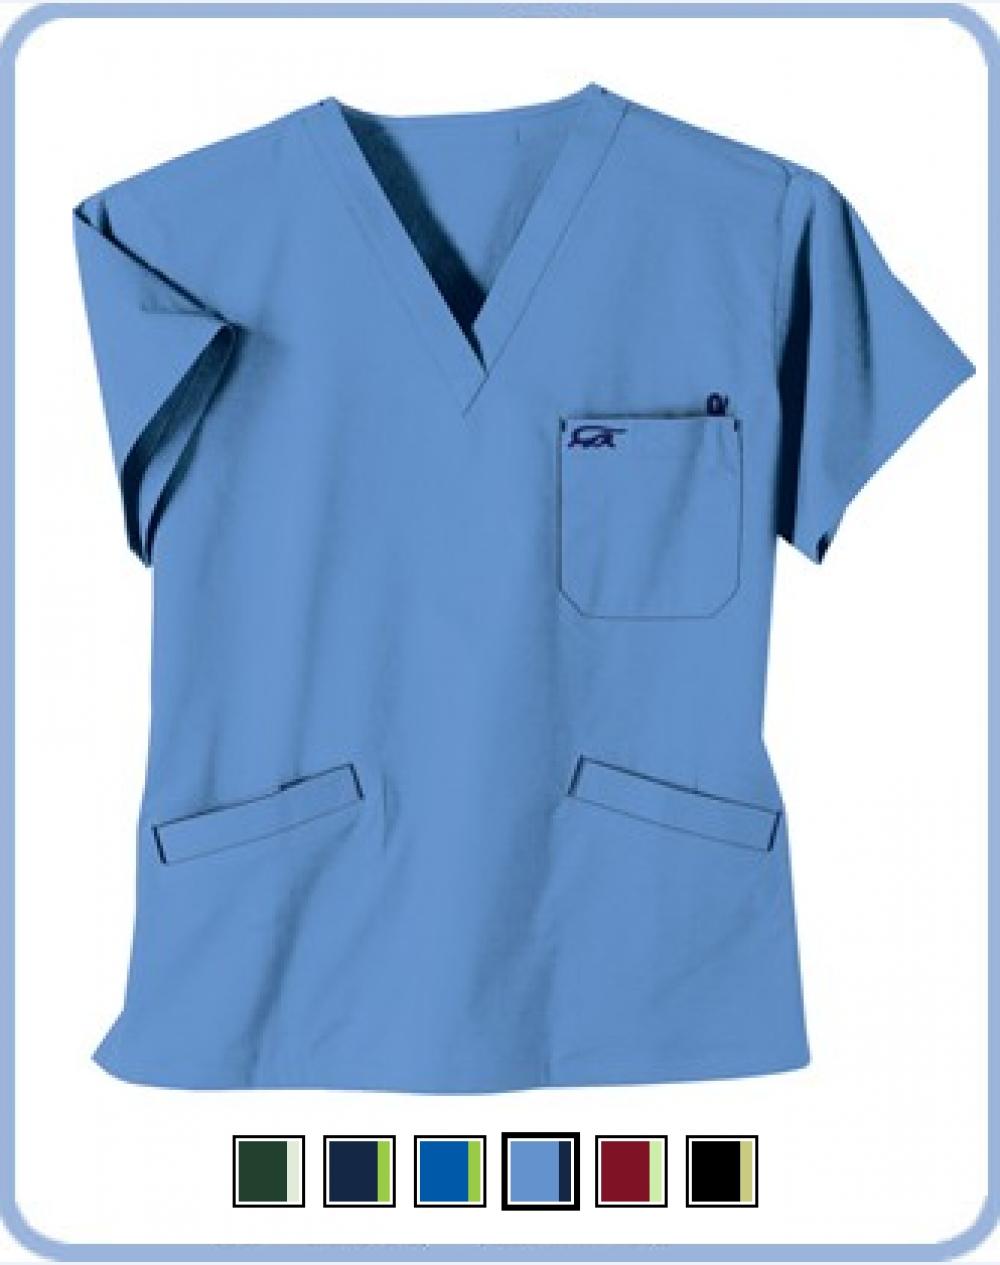 Как сшить медицинскую пижаму 52